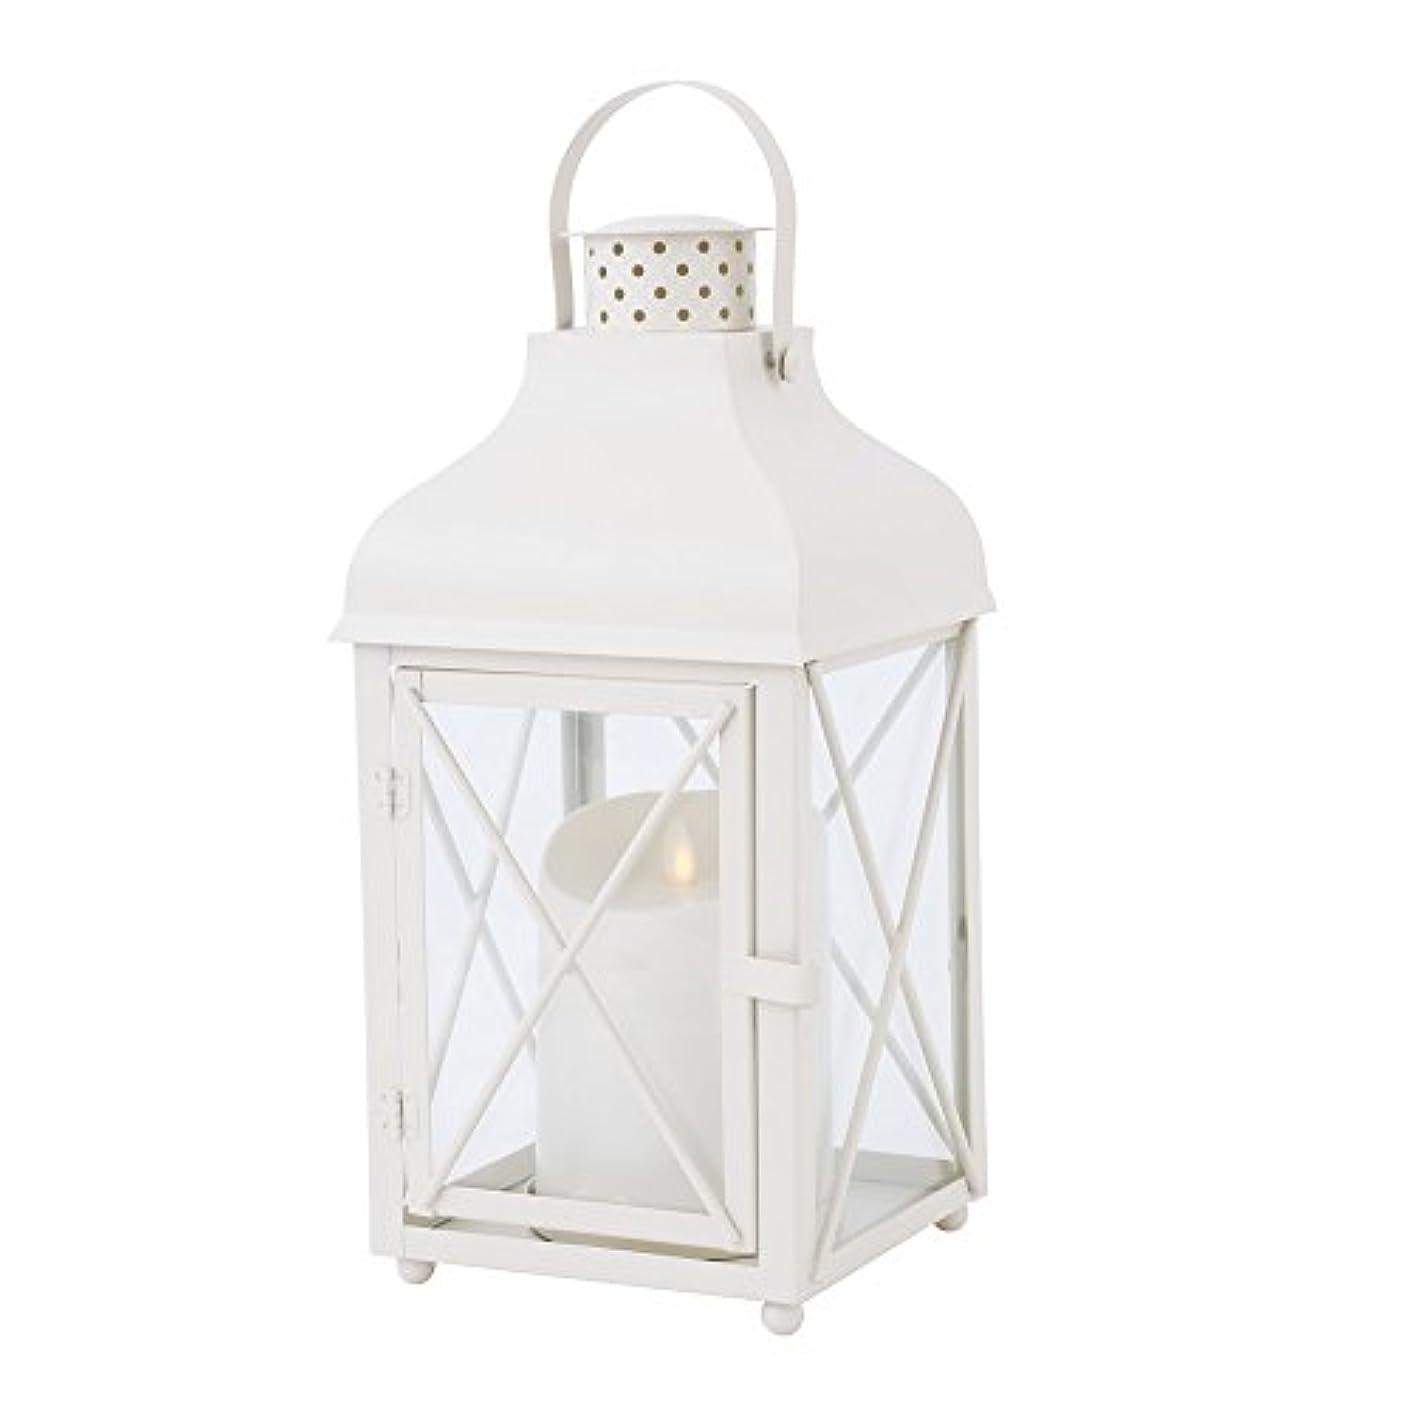 気を散らす簡単にスパイラルカメヤマキャンドルハウス リアルな炎LEDライトルミナラピラー入りランタン ホワイト LUMINARA  LEDキャンドル